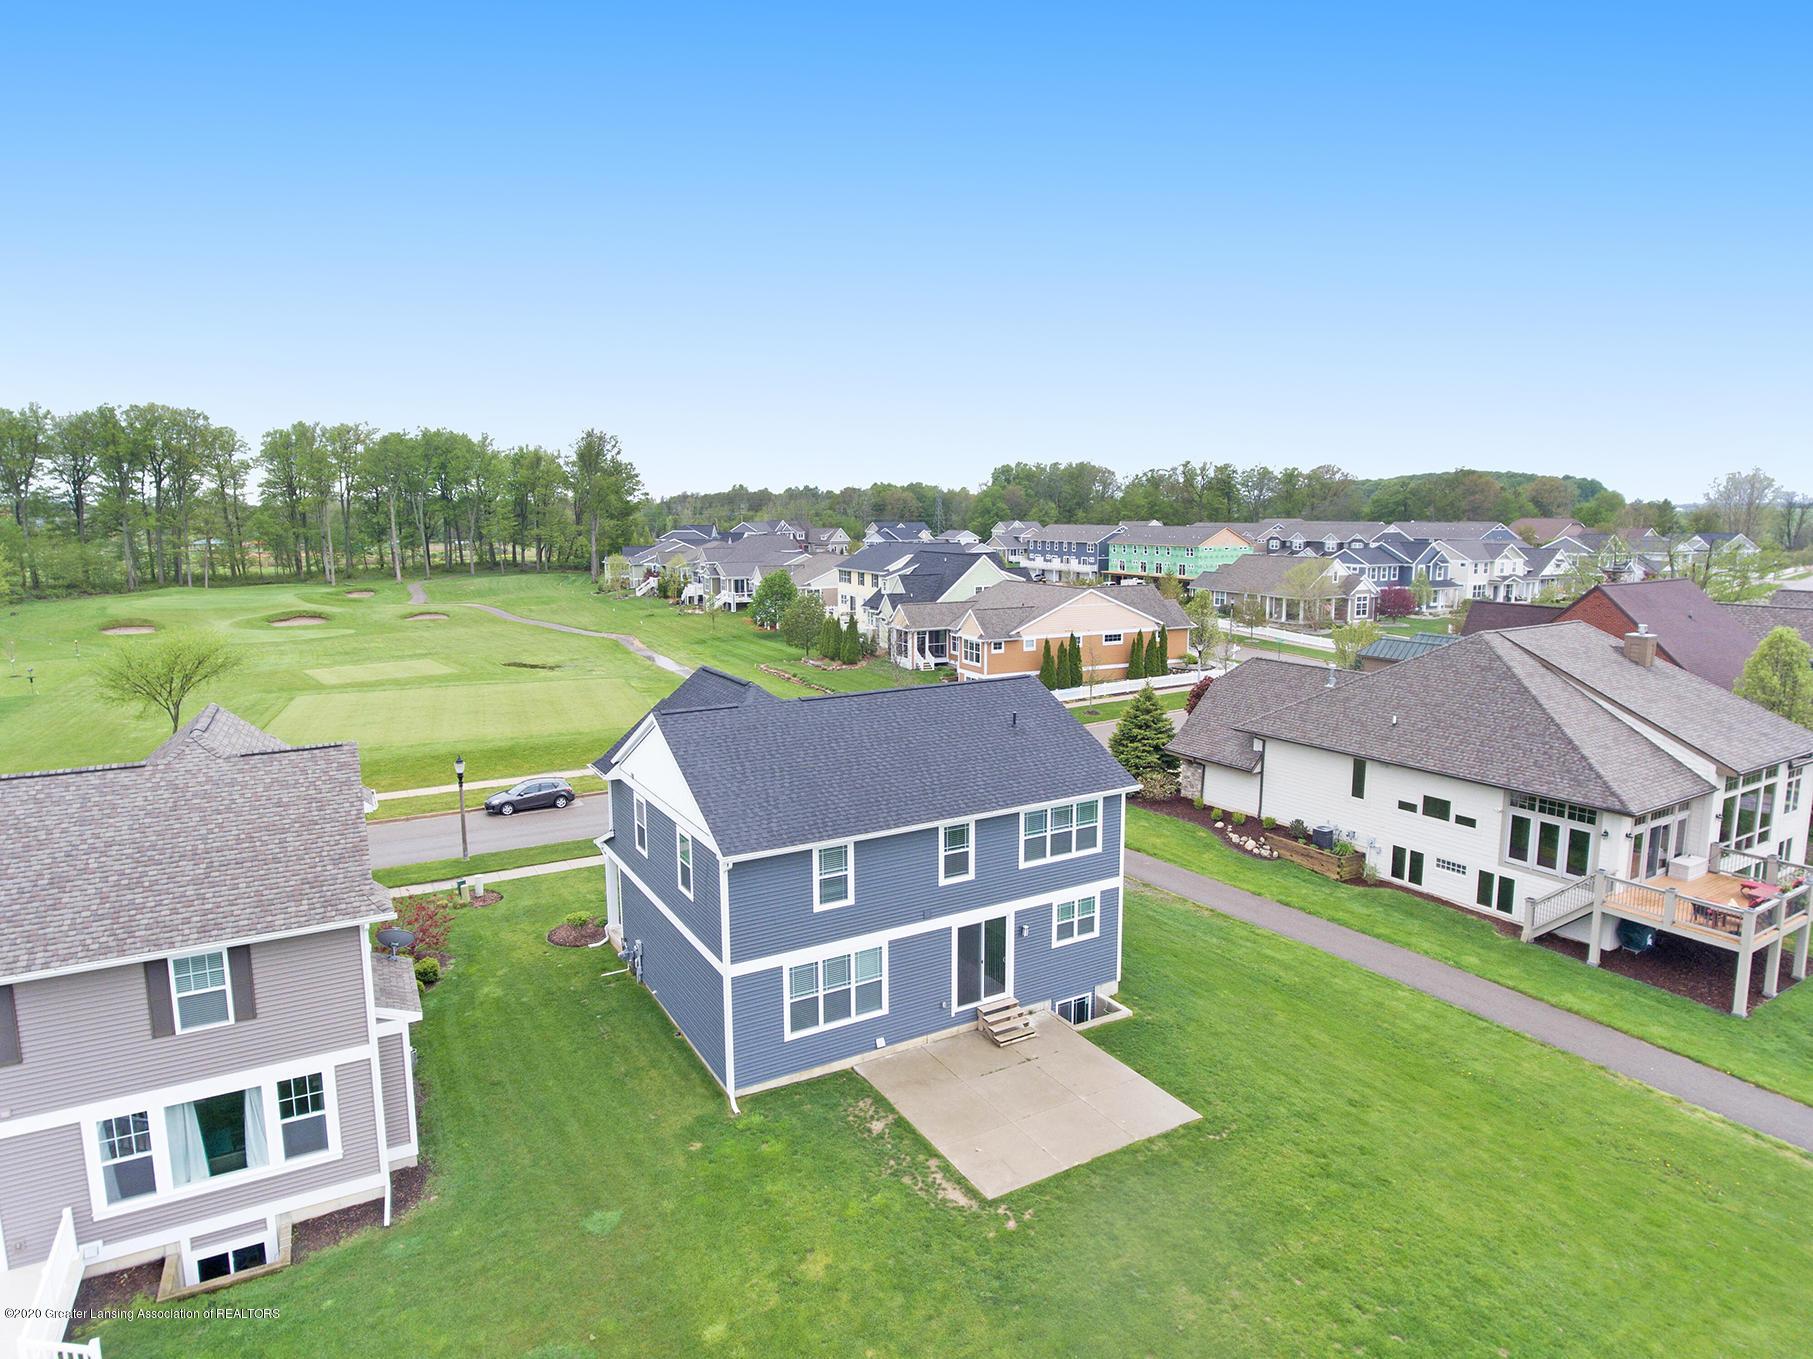 2818 Kittansett Dr - Aerial View - 62